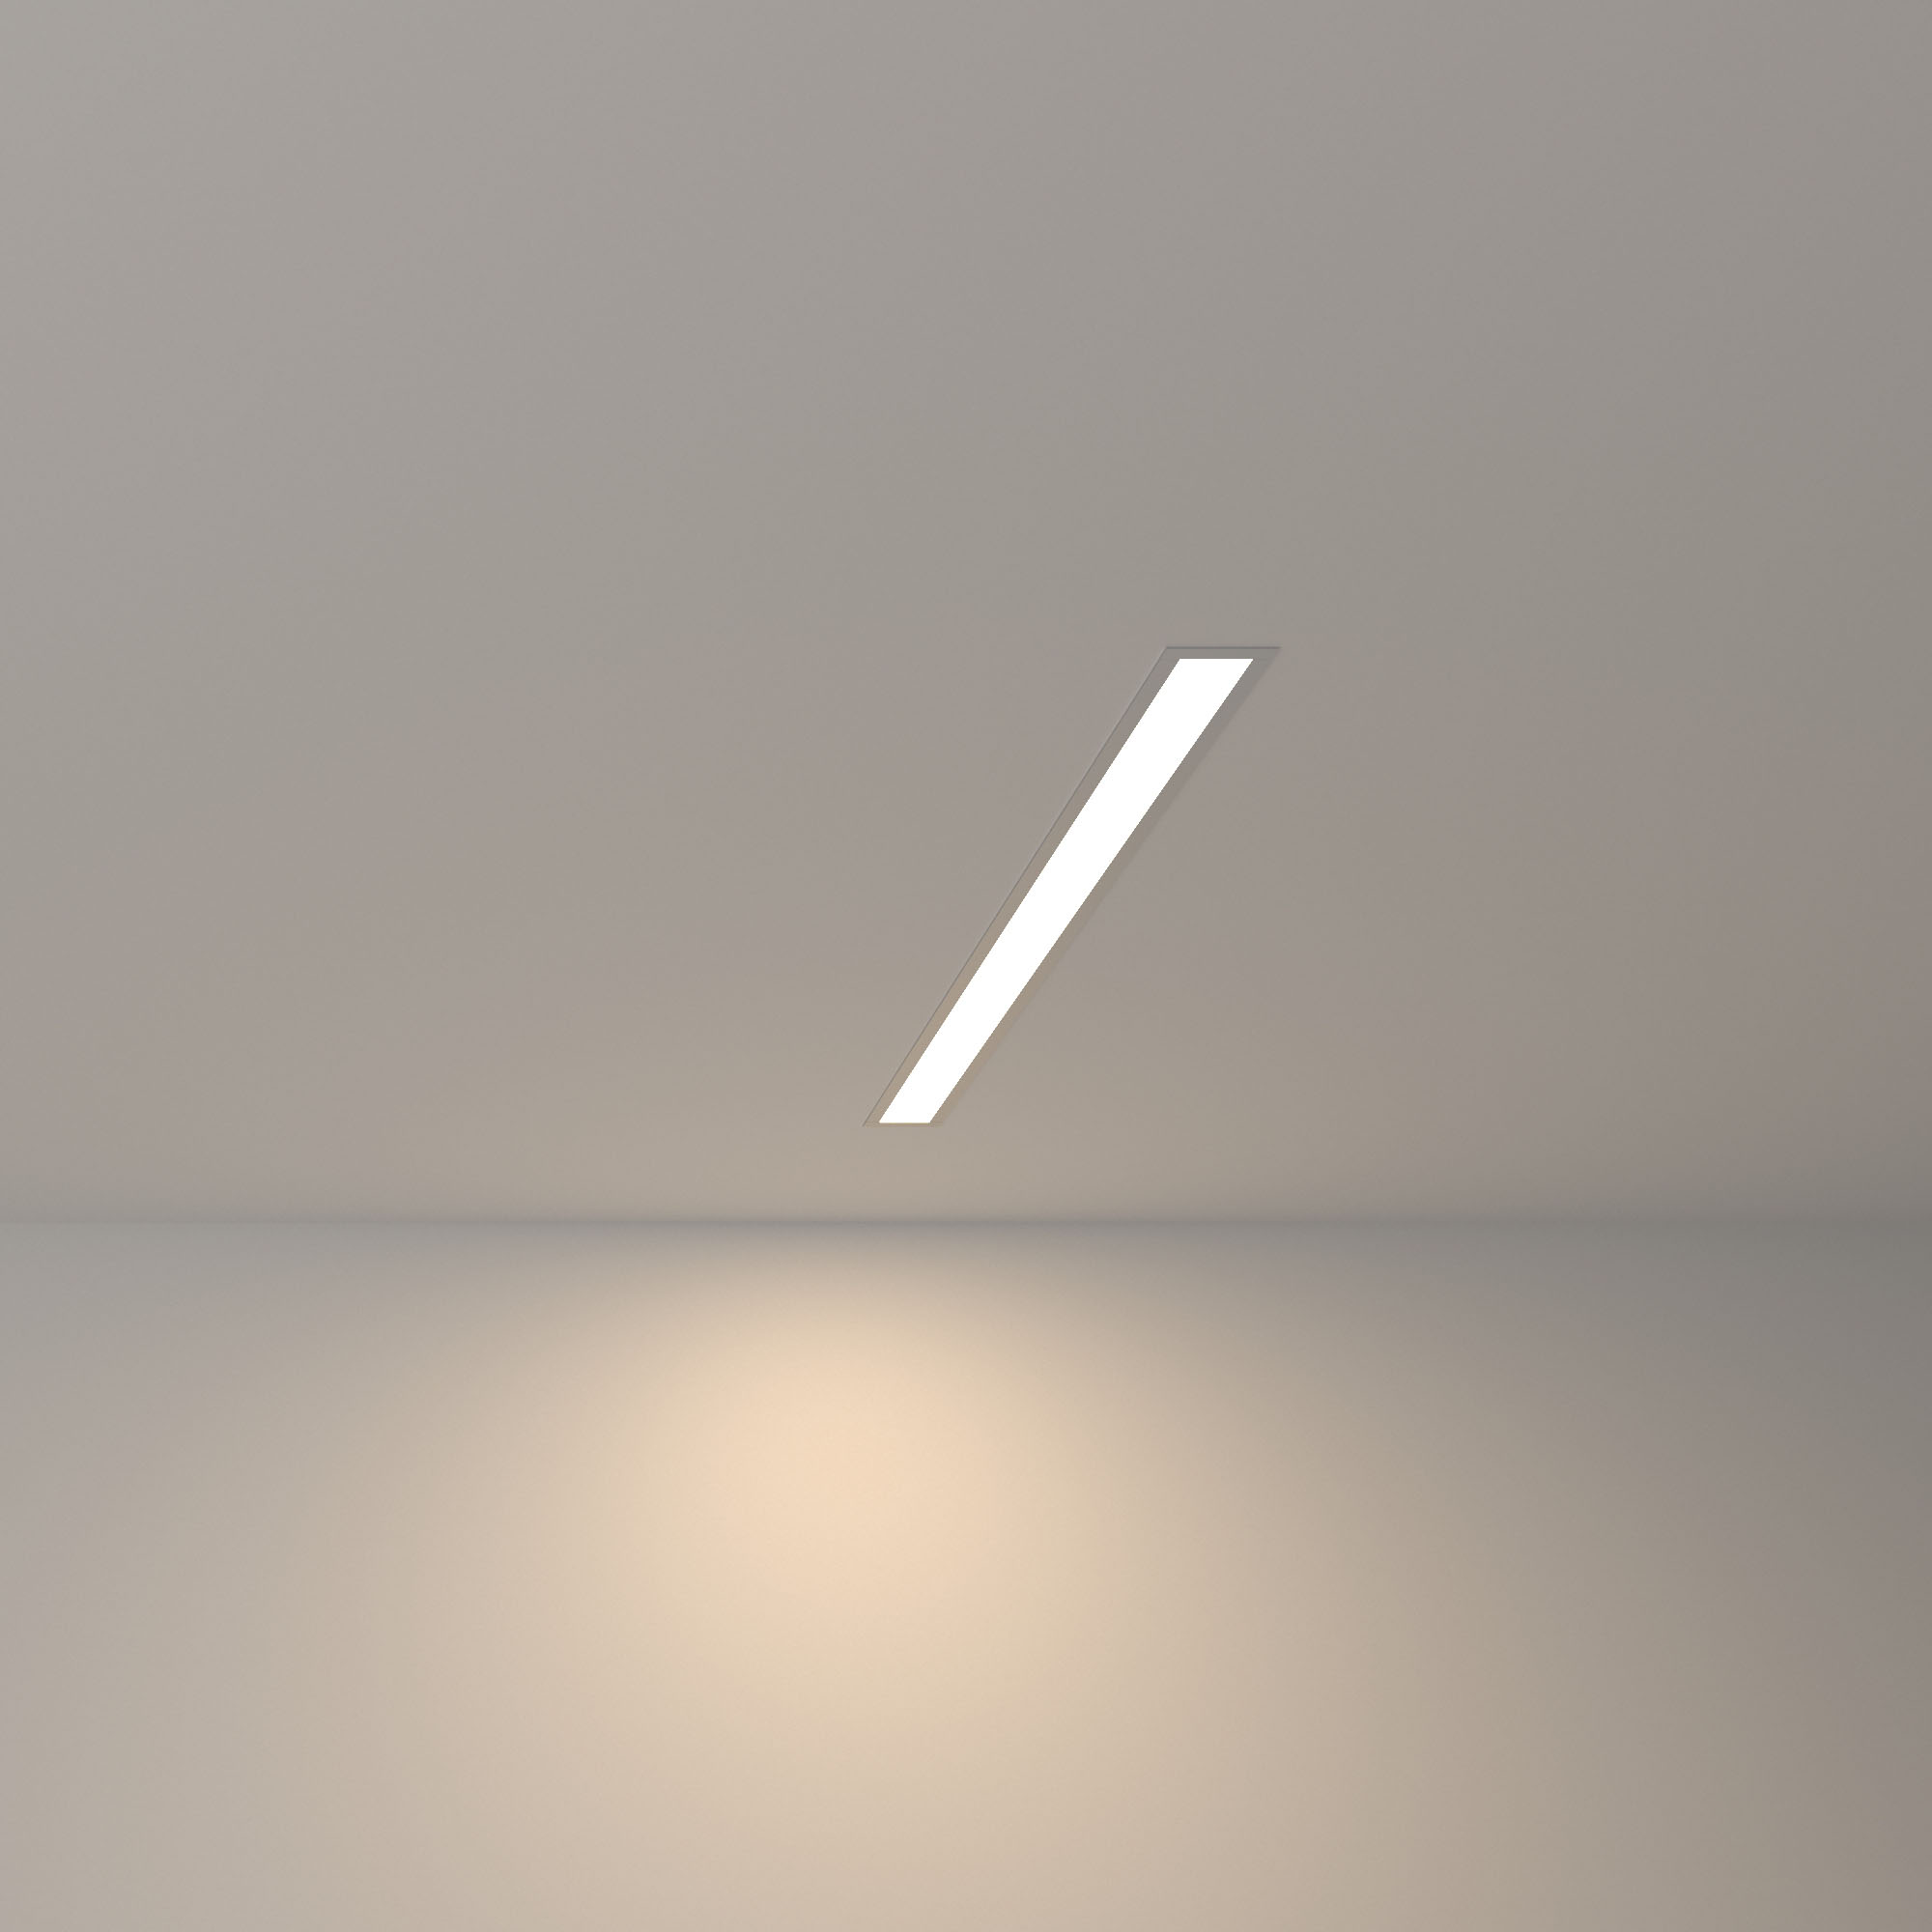 Линейный светодиодный встраиваемый светильник 53см 10Вт 4200К матовое серебро 100-300-53